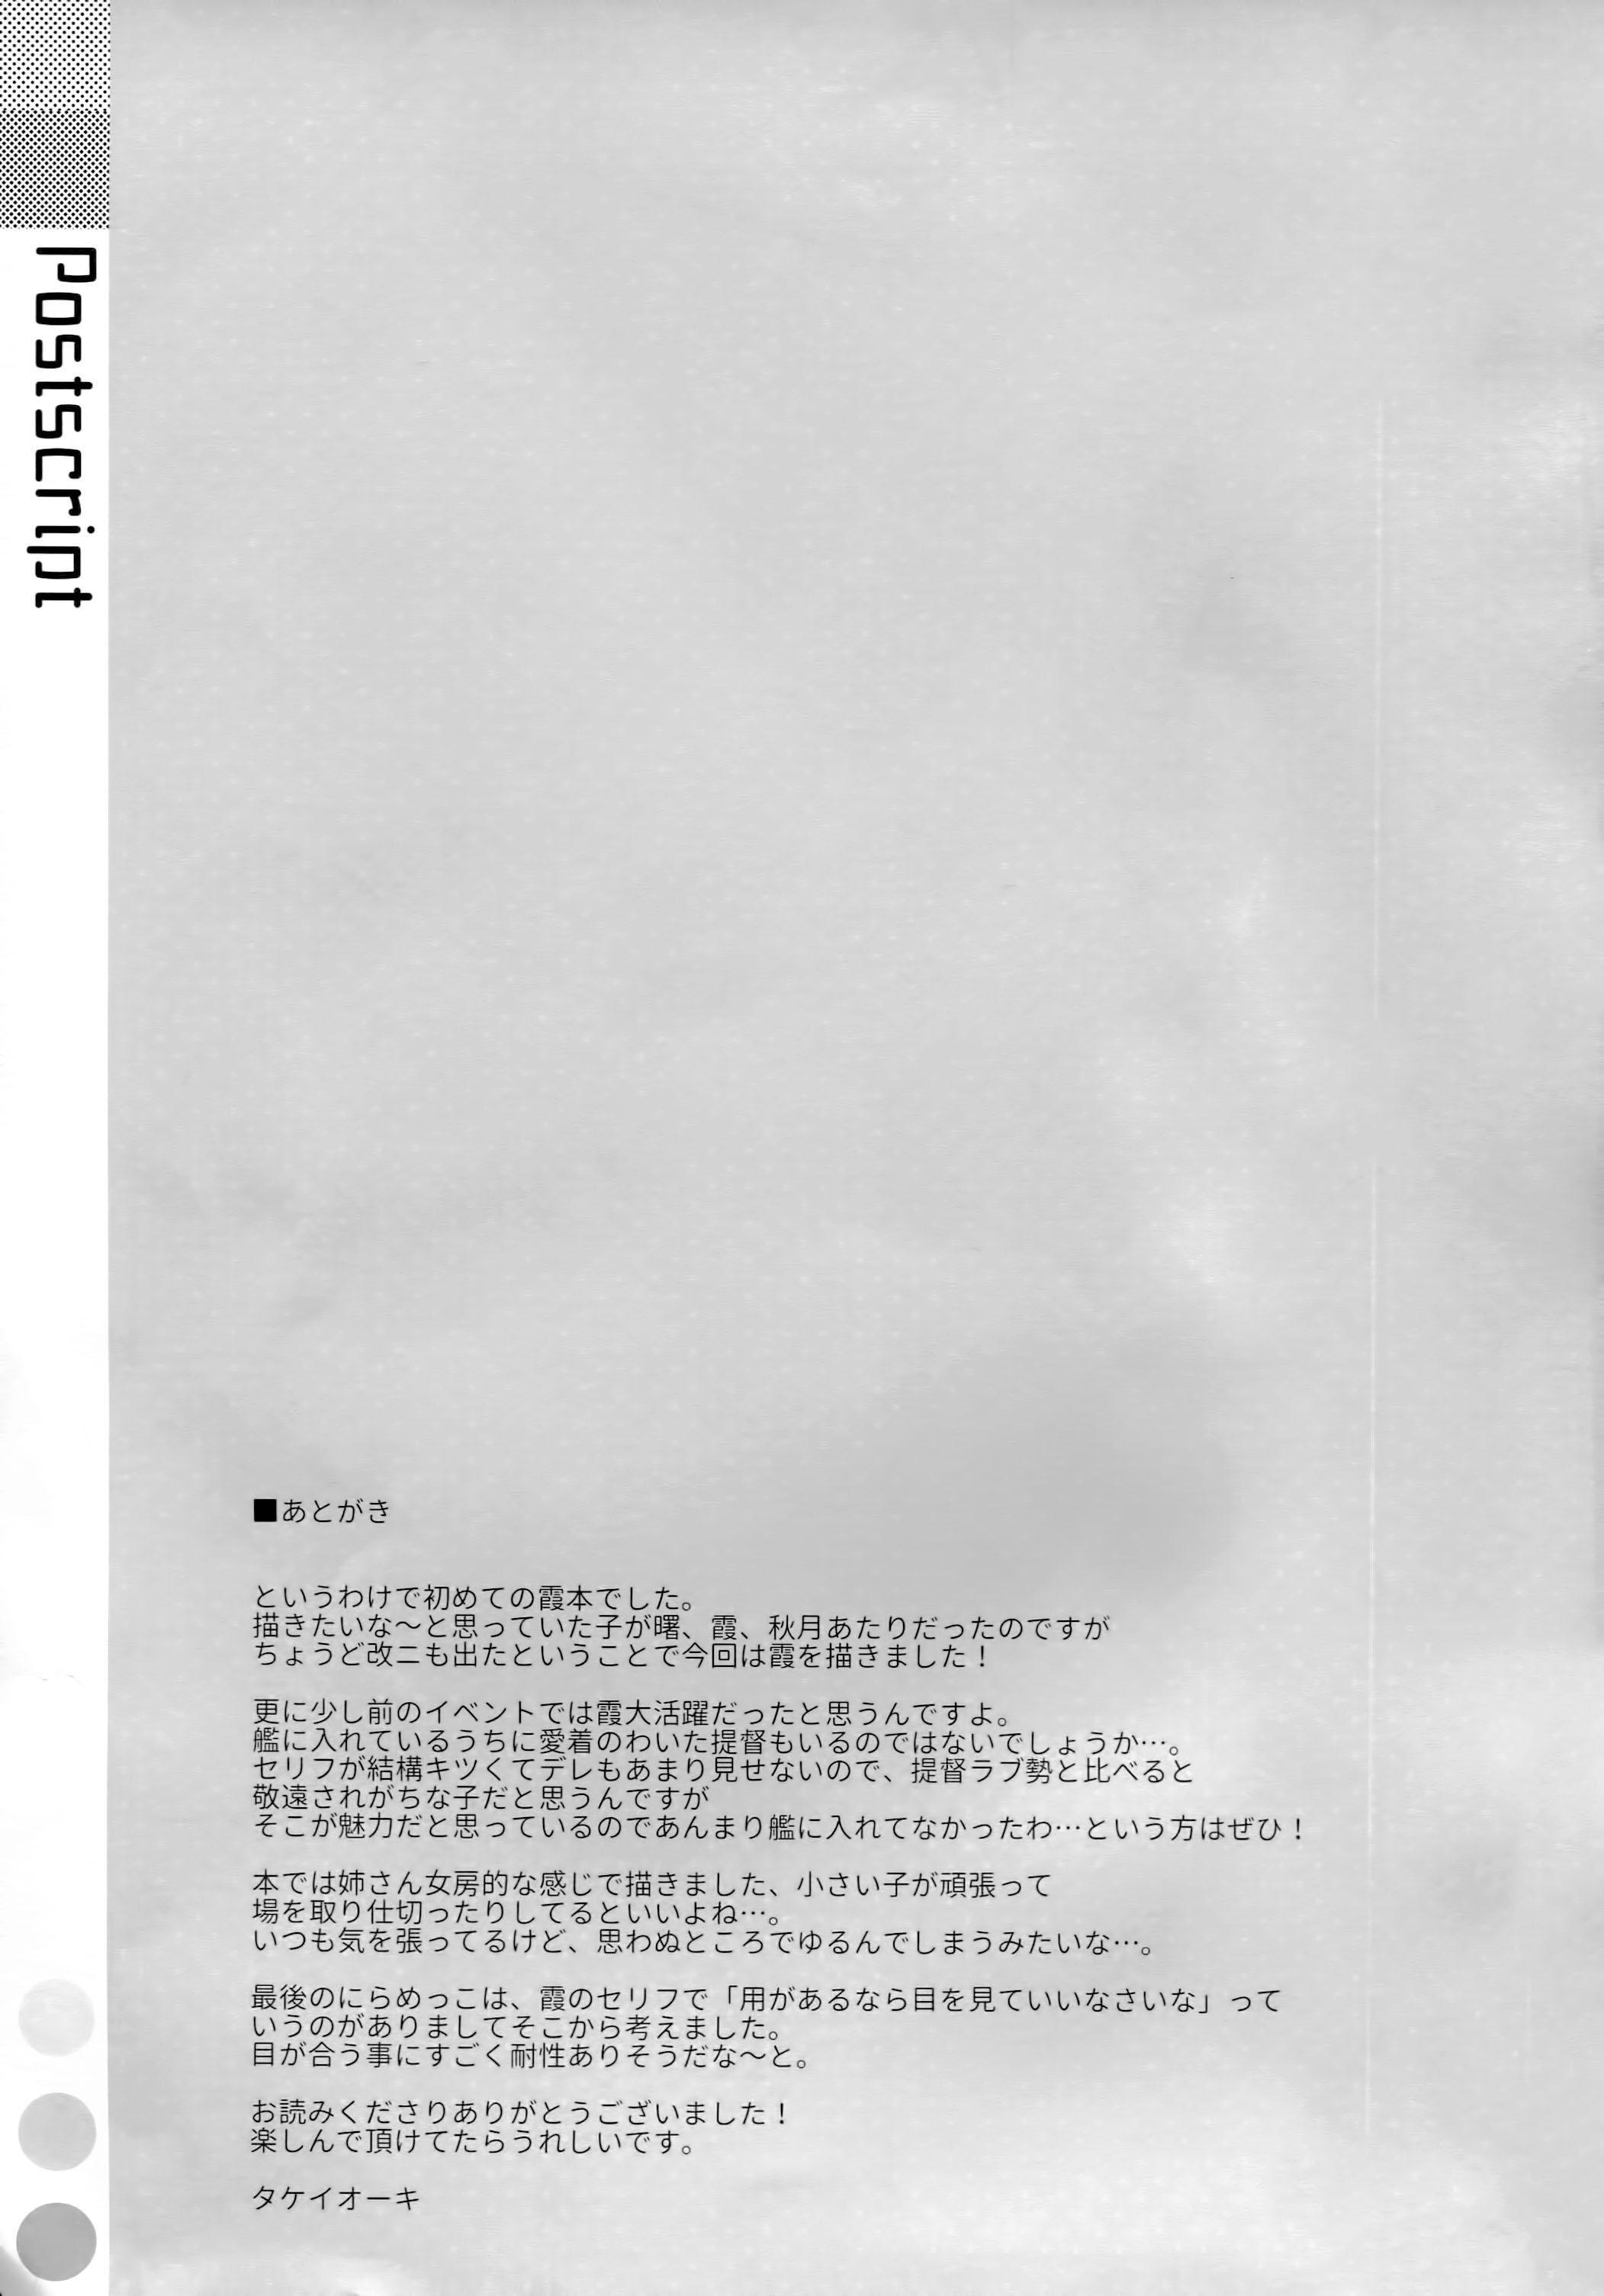 Naka Warui Furi Shite Kasumi to Teitoku ga ××× Shimakuritte Hontou desu ka? 23